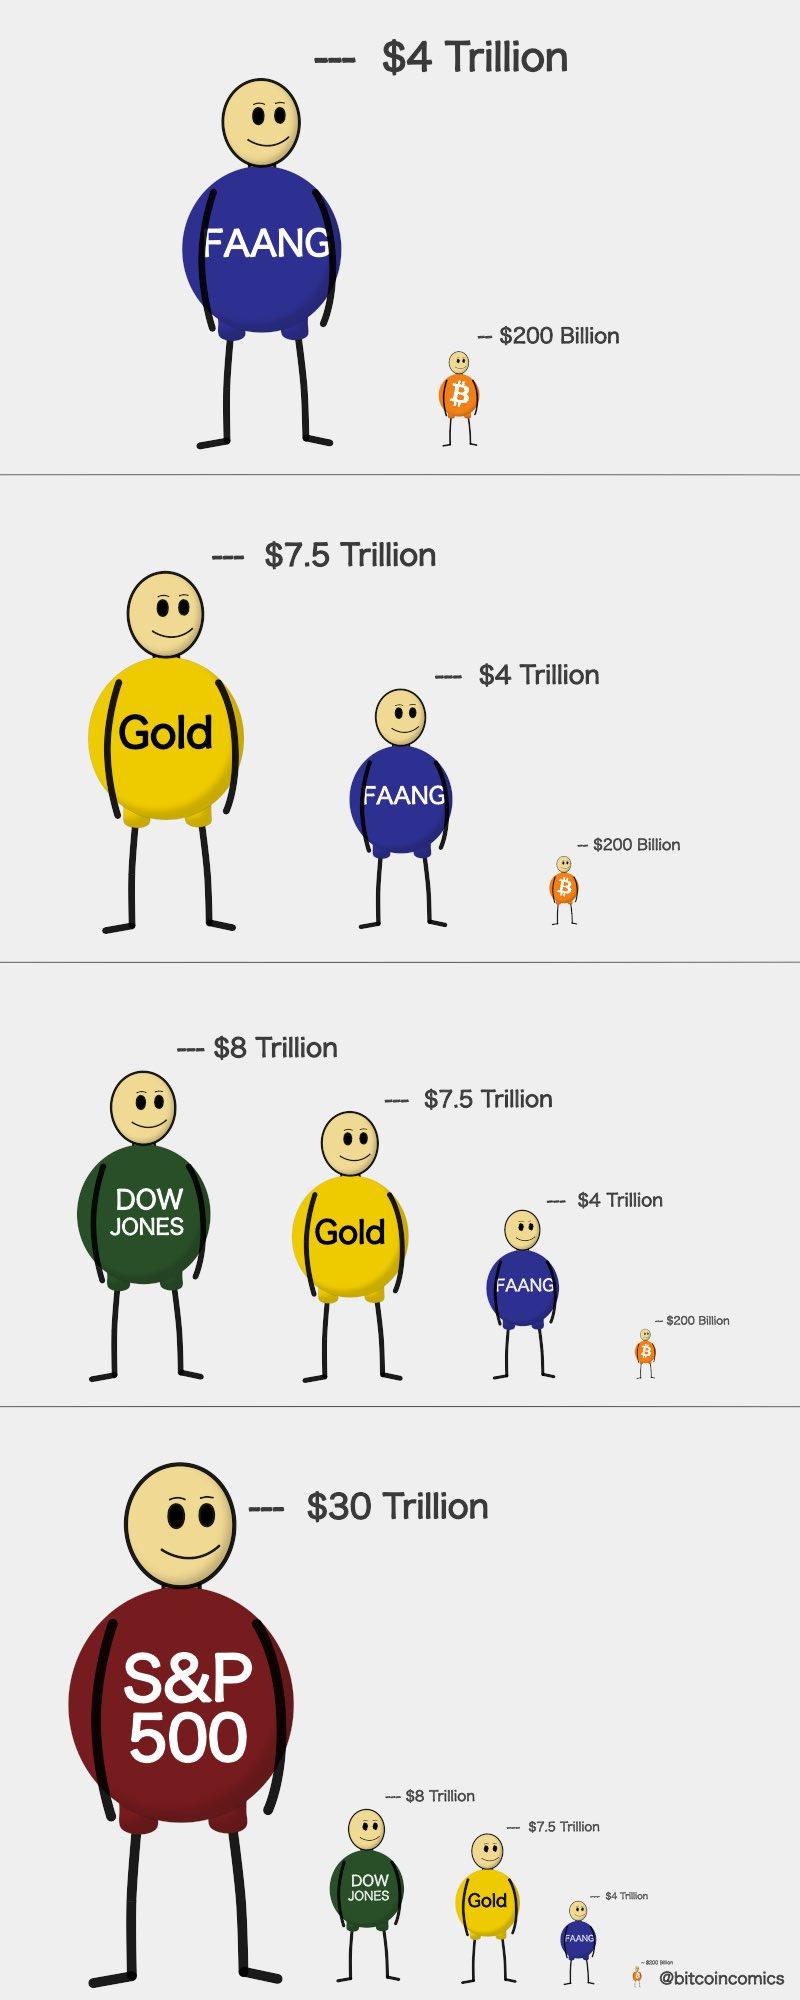 La caída reciente del S&P500 y Dow Jones representó el 86% del mercado de Bitcoin